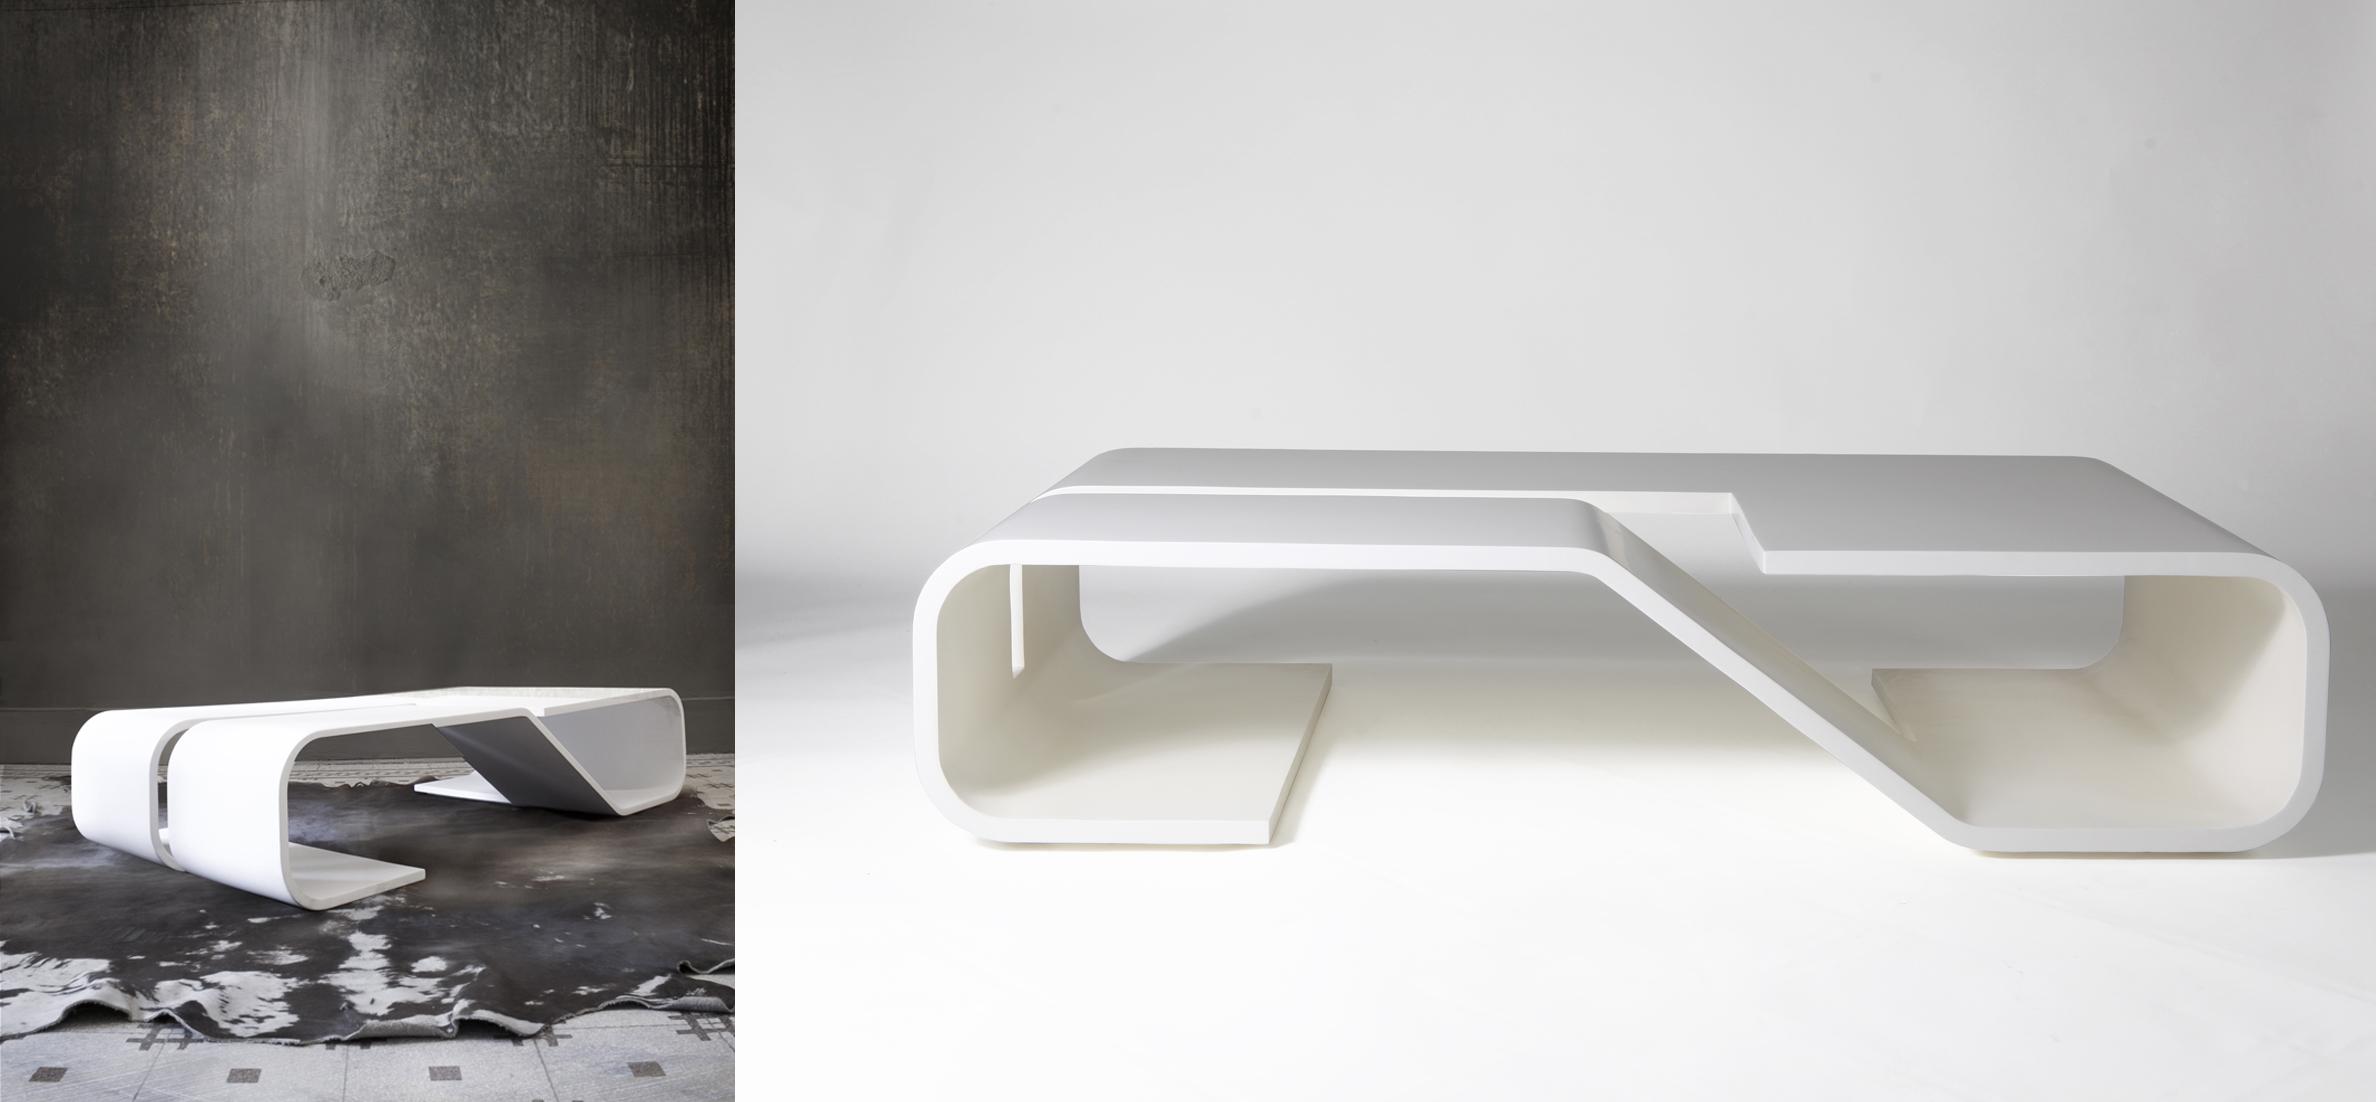 &CAIRO HKZ MENA design magazine